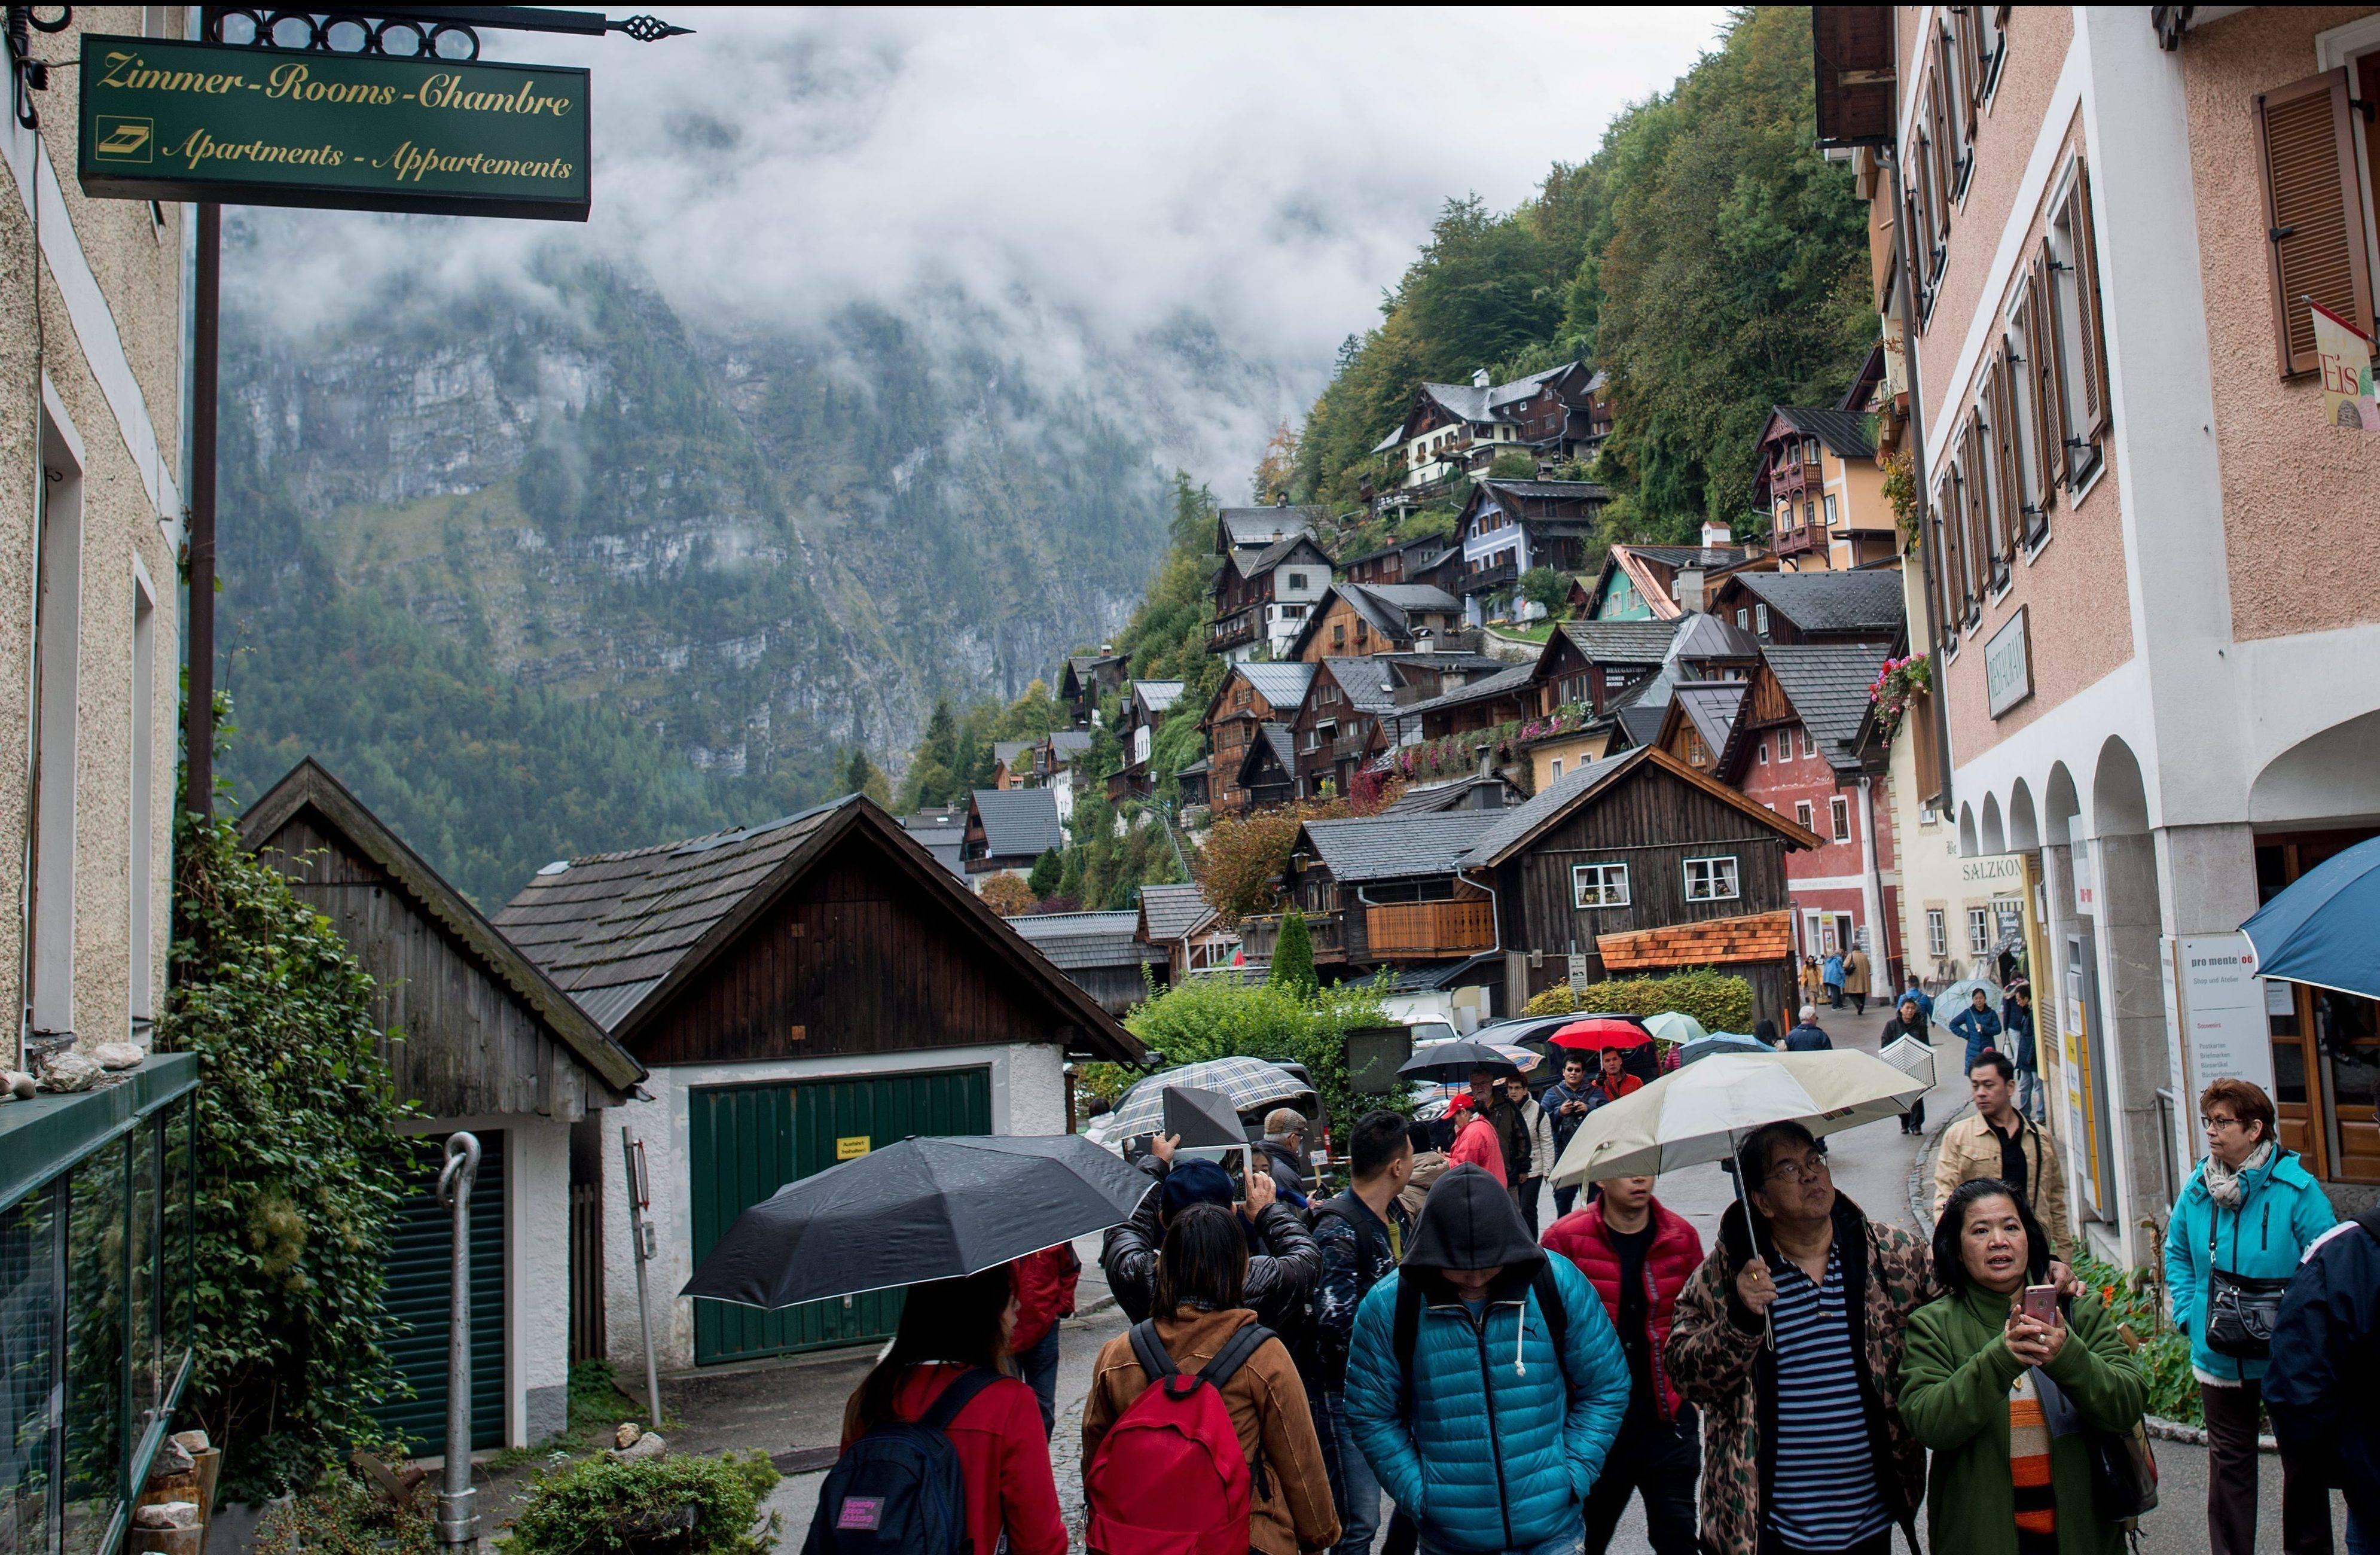 Германия или австрия: что выбрать для жизни?